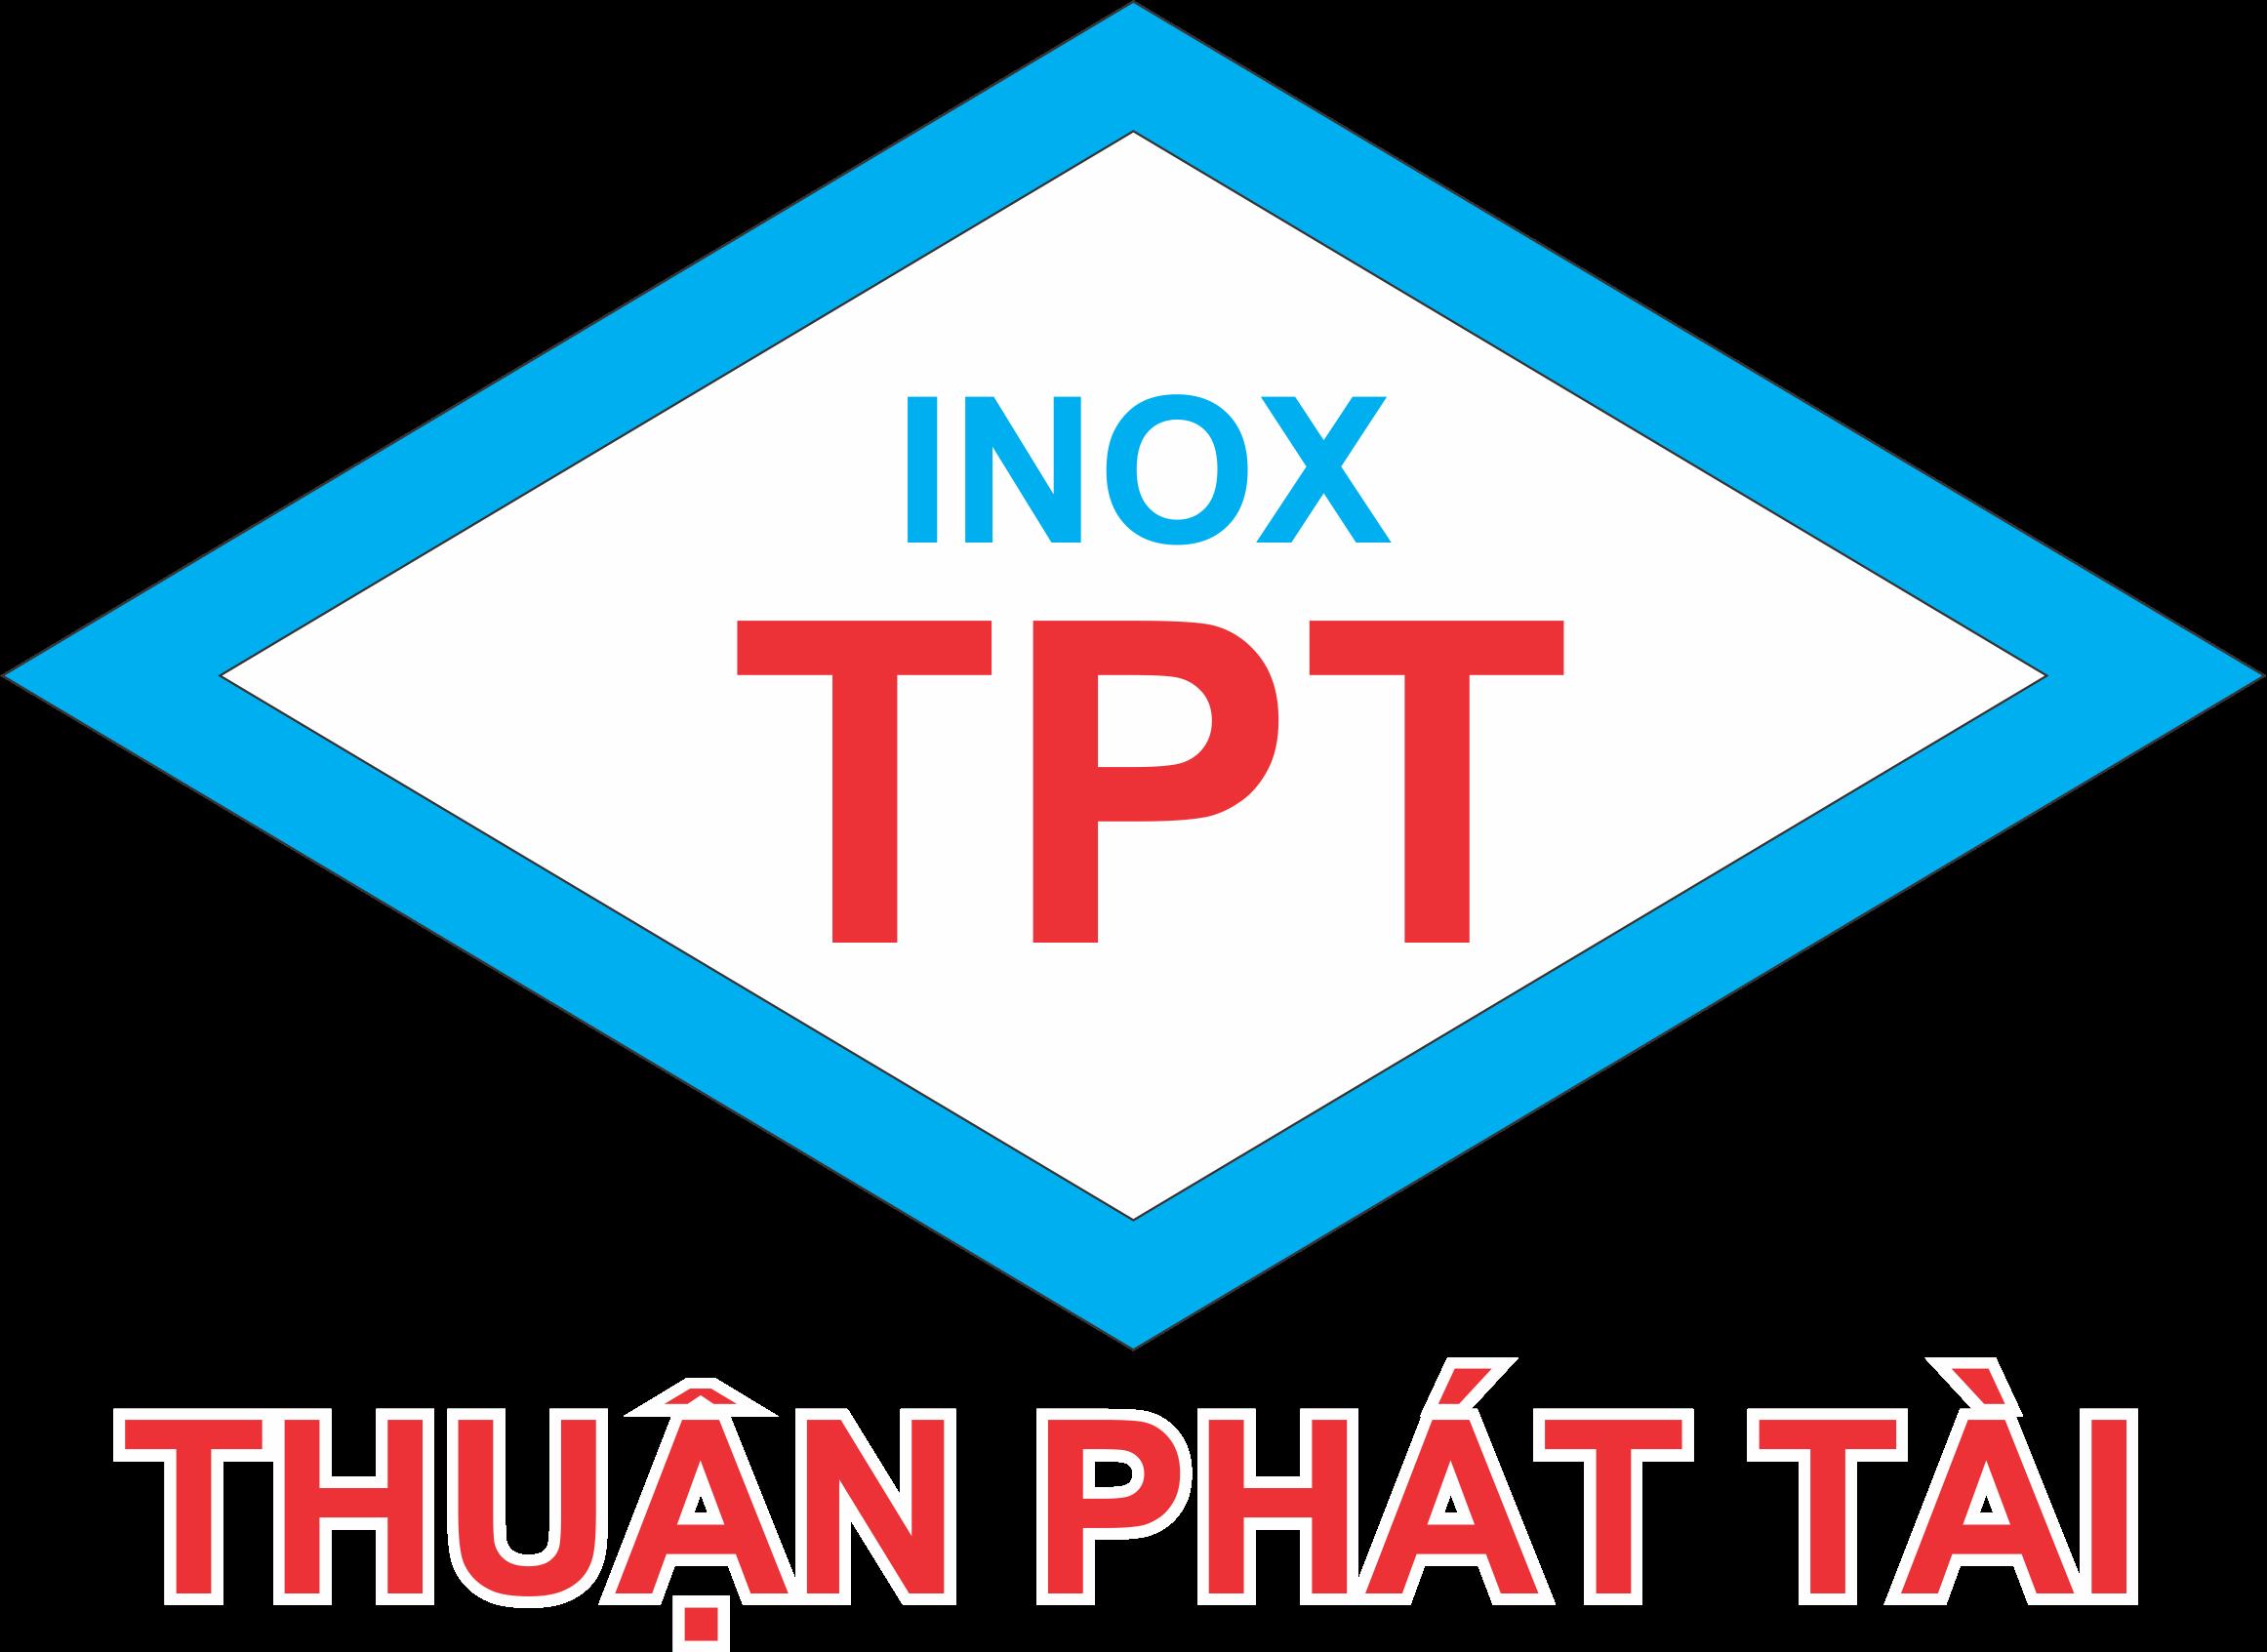 Cơ khí Thuận Phát Tài